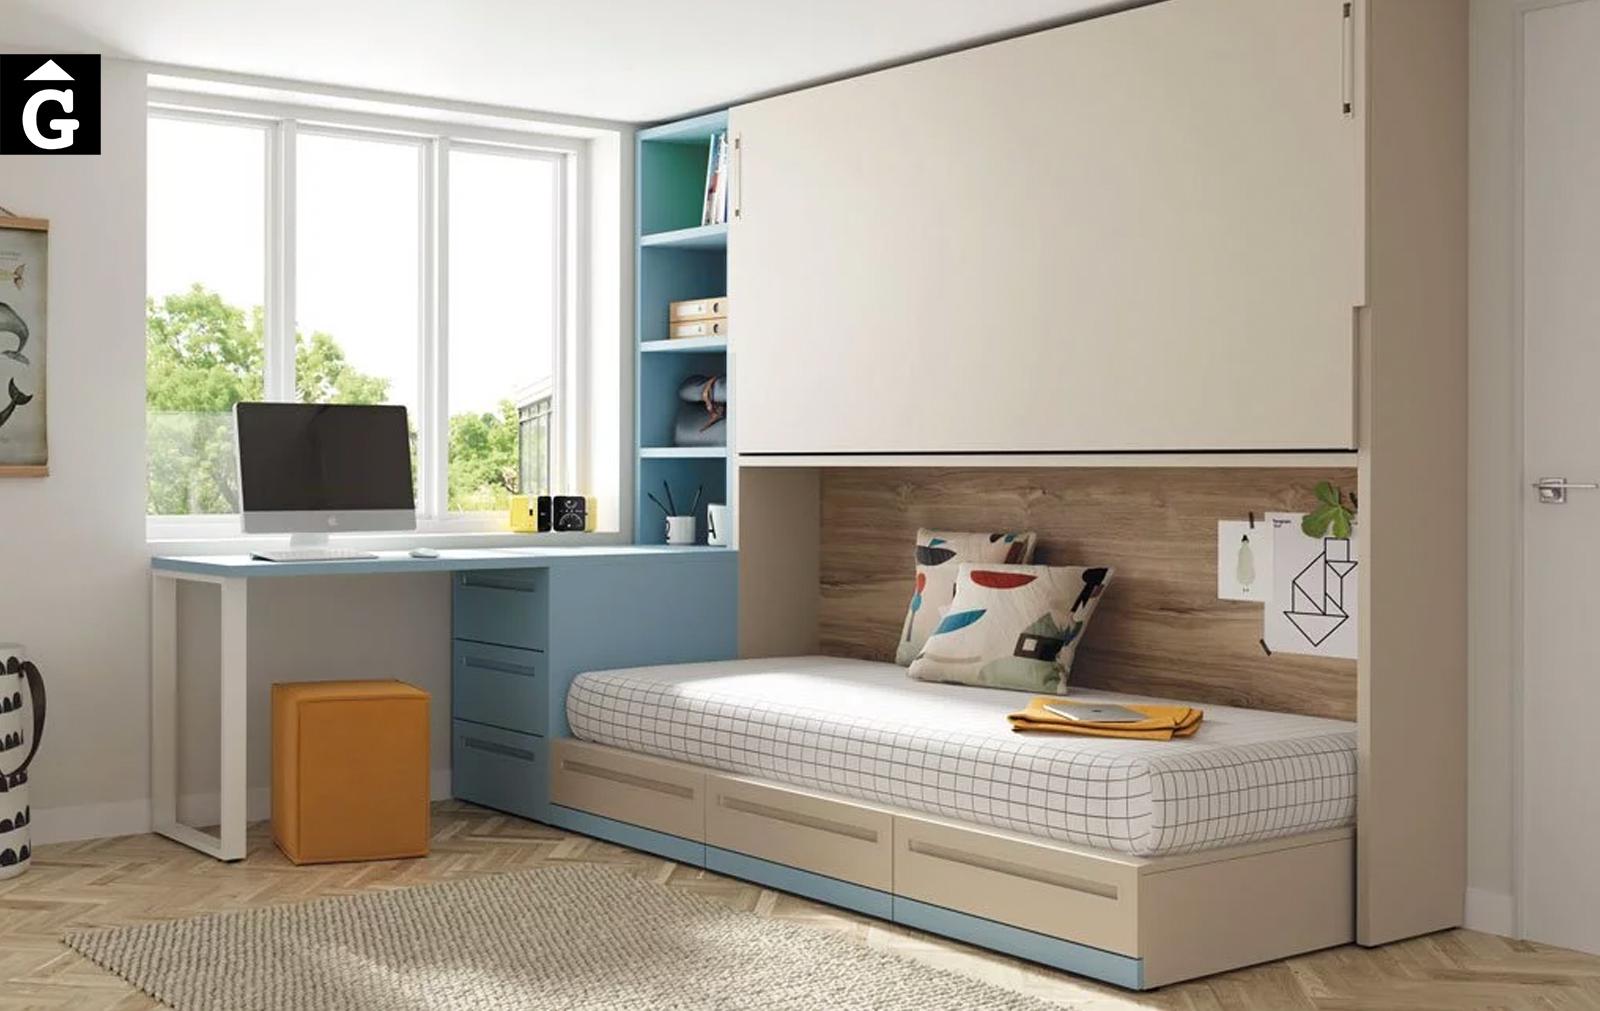 Habitació juvenil Arena Celeste Up & Down   llits abatibles   Pràctics, saludables i segurs   Jotajotape   mobles Gifreu